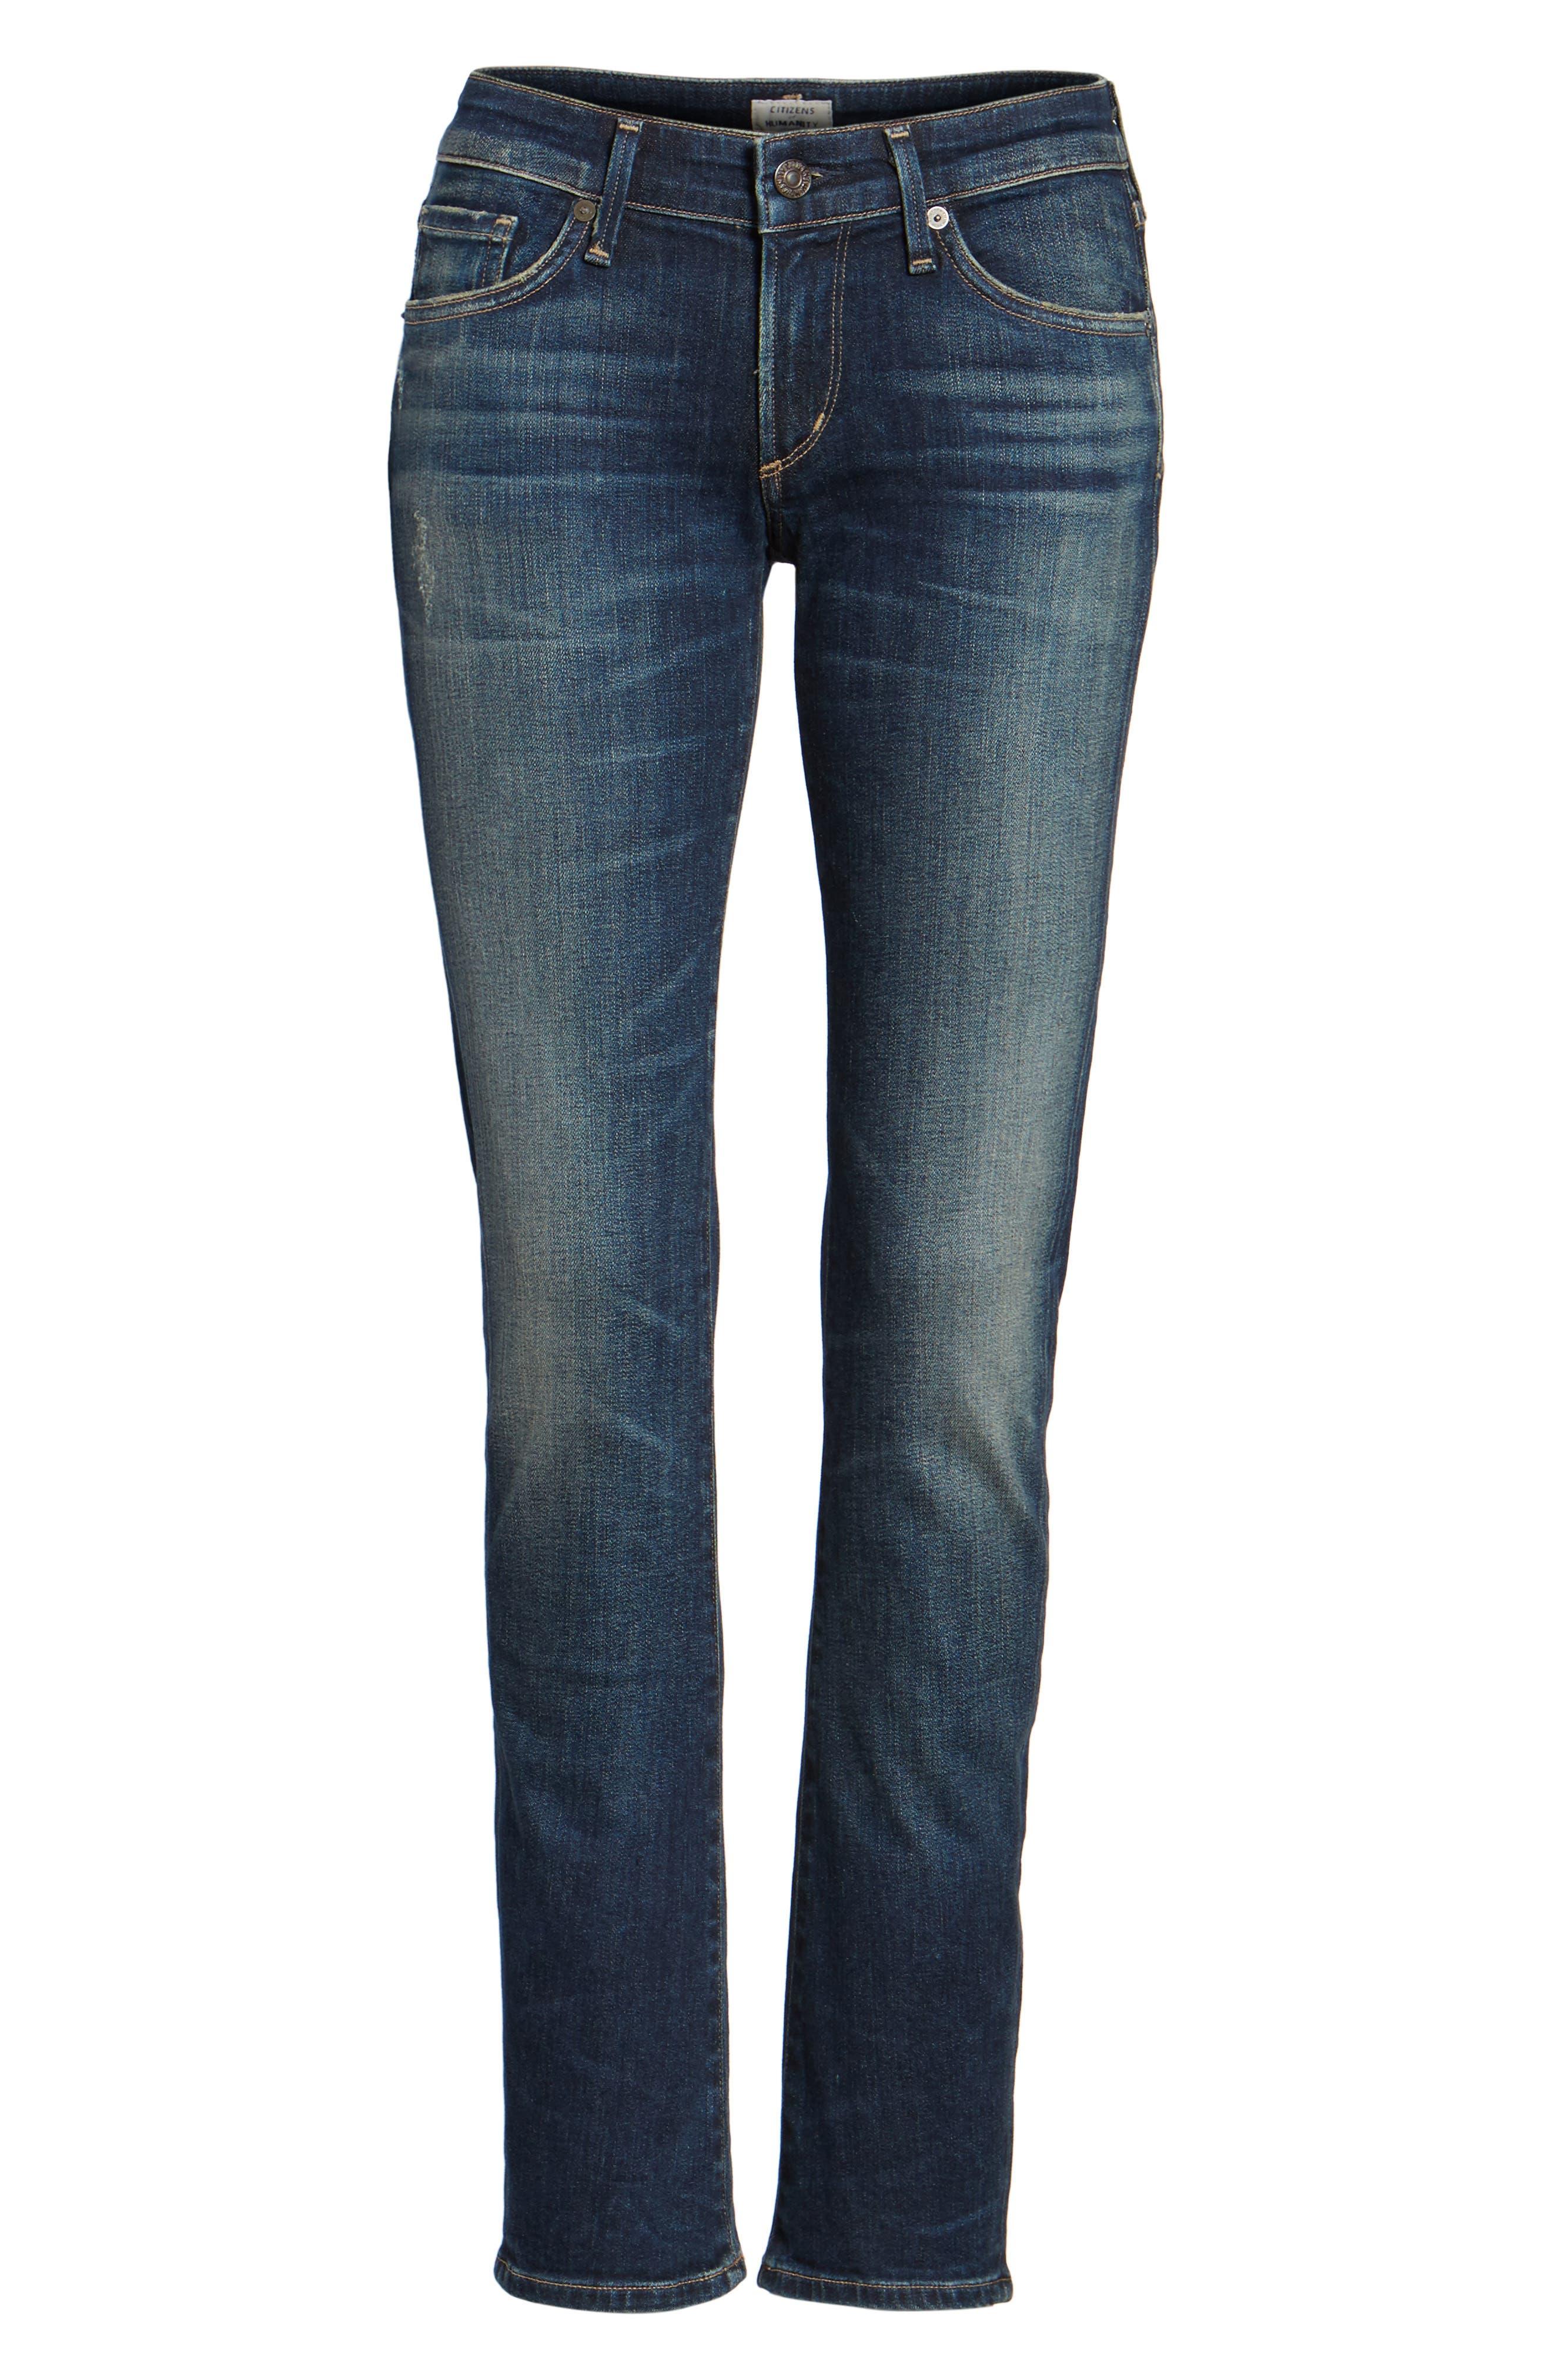 Racer Whiskered Skinny Jeans,                             Alternate thumbnail 6, color,                             403